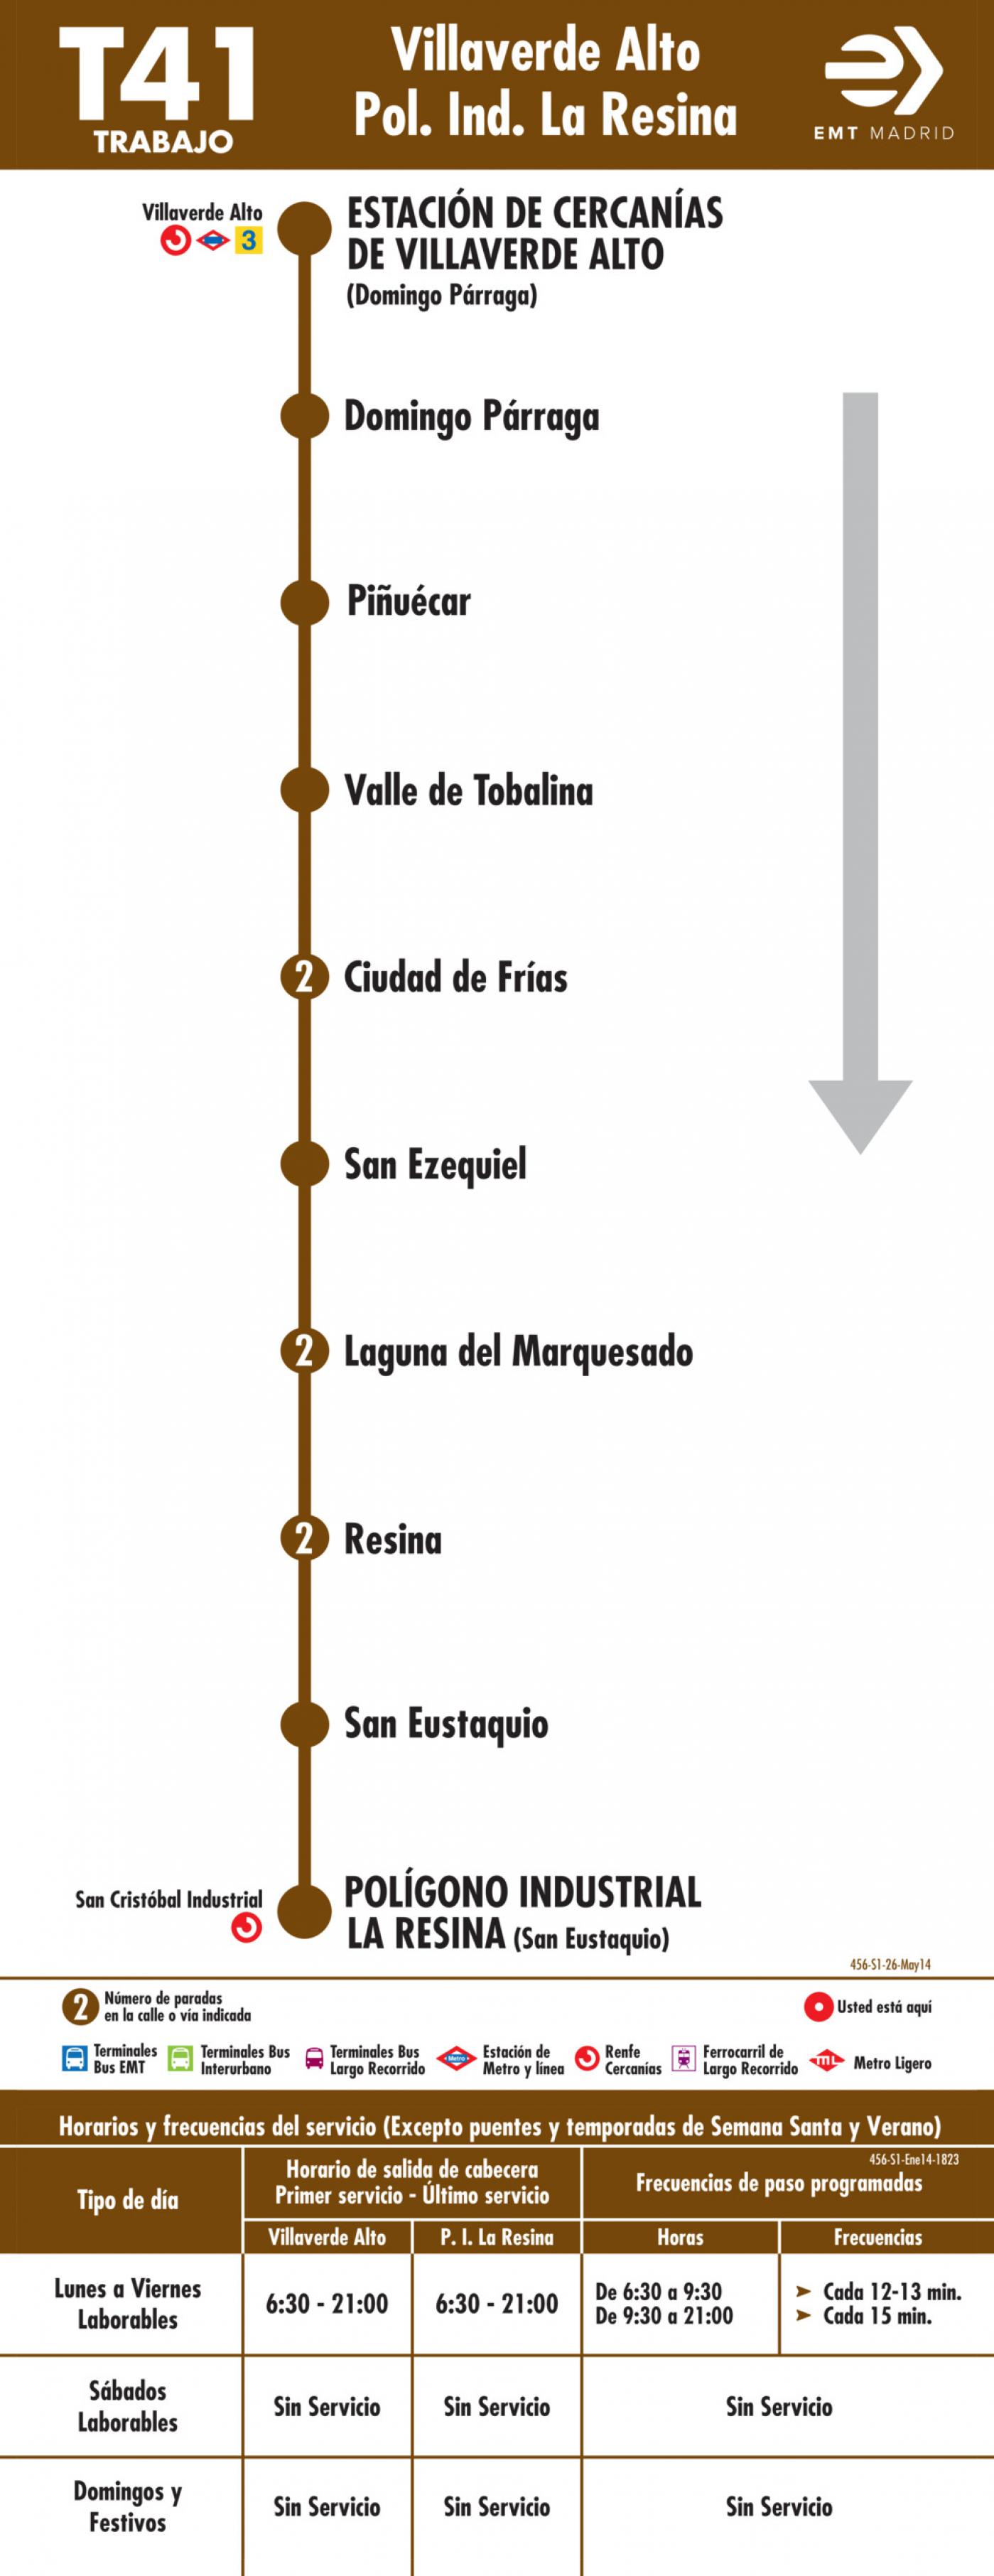 Tabla de horarios y frecuencias de paso en sentido ida Línea T41: Estación Cercanías RENFE Villaverde Alto - Polígono Industrial la Resina